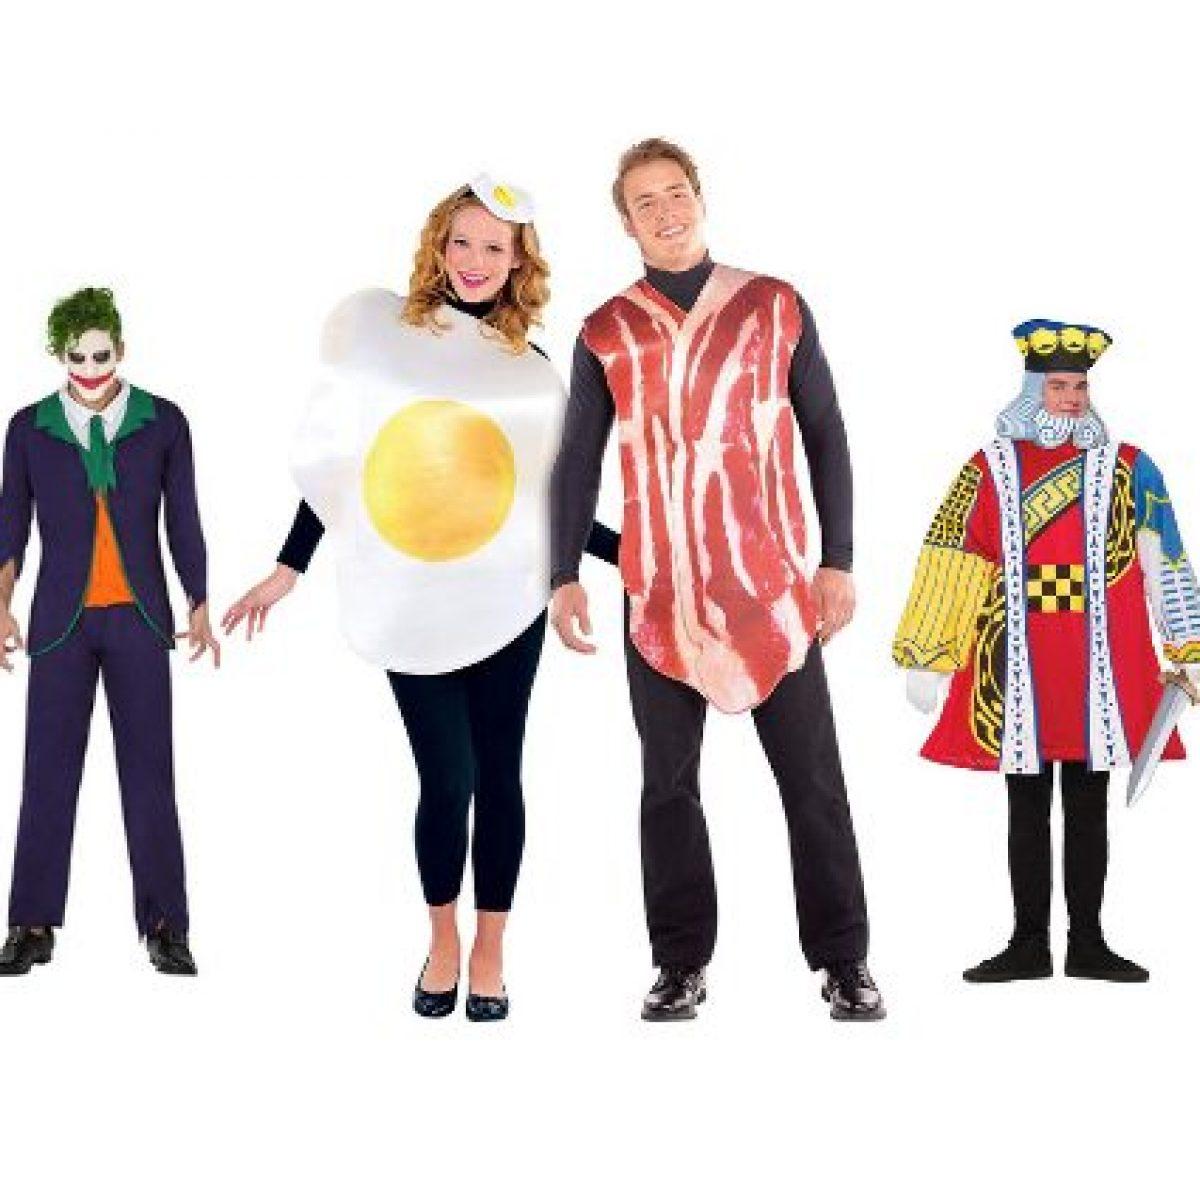 come acquistare cercare scarpe autunnali Costumi di Carnevale di coppia: 15 travestimenti divertenti ...